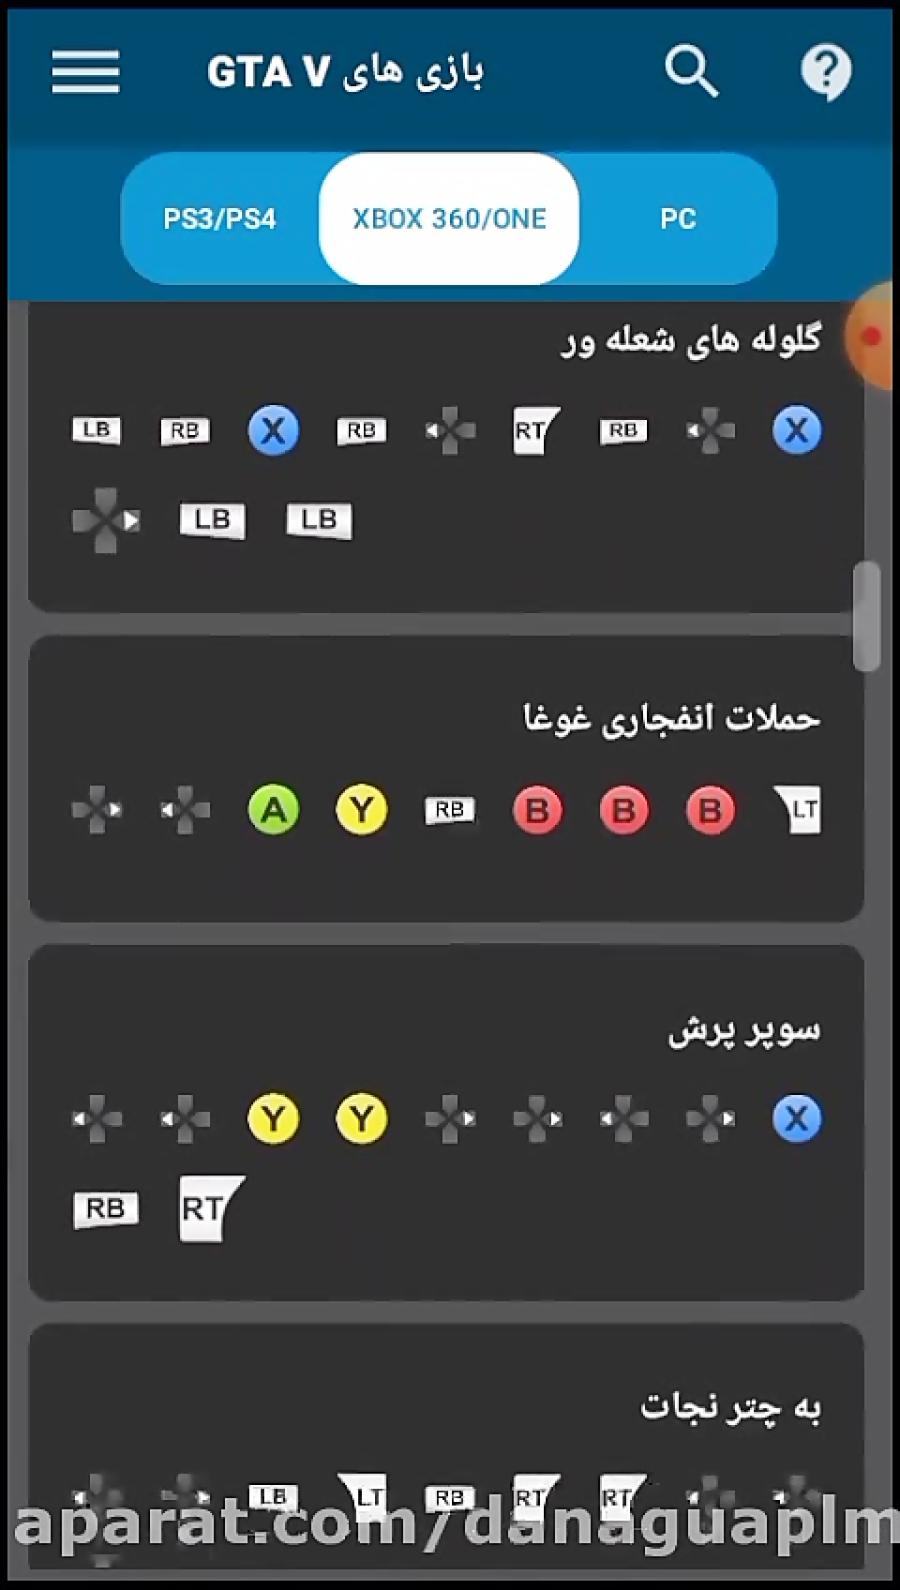 رمز های gta v برای xbox 360